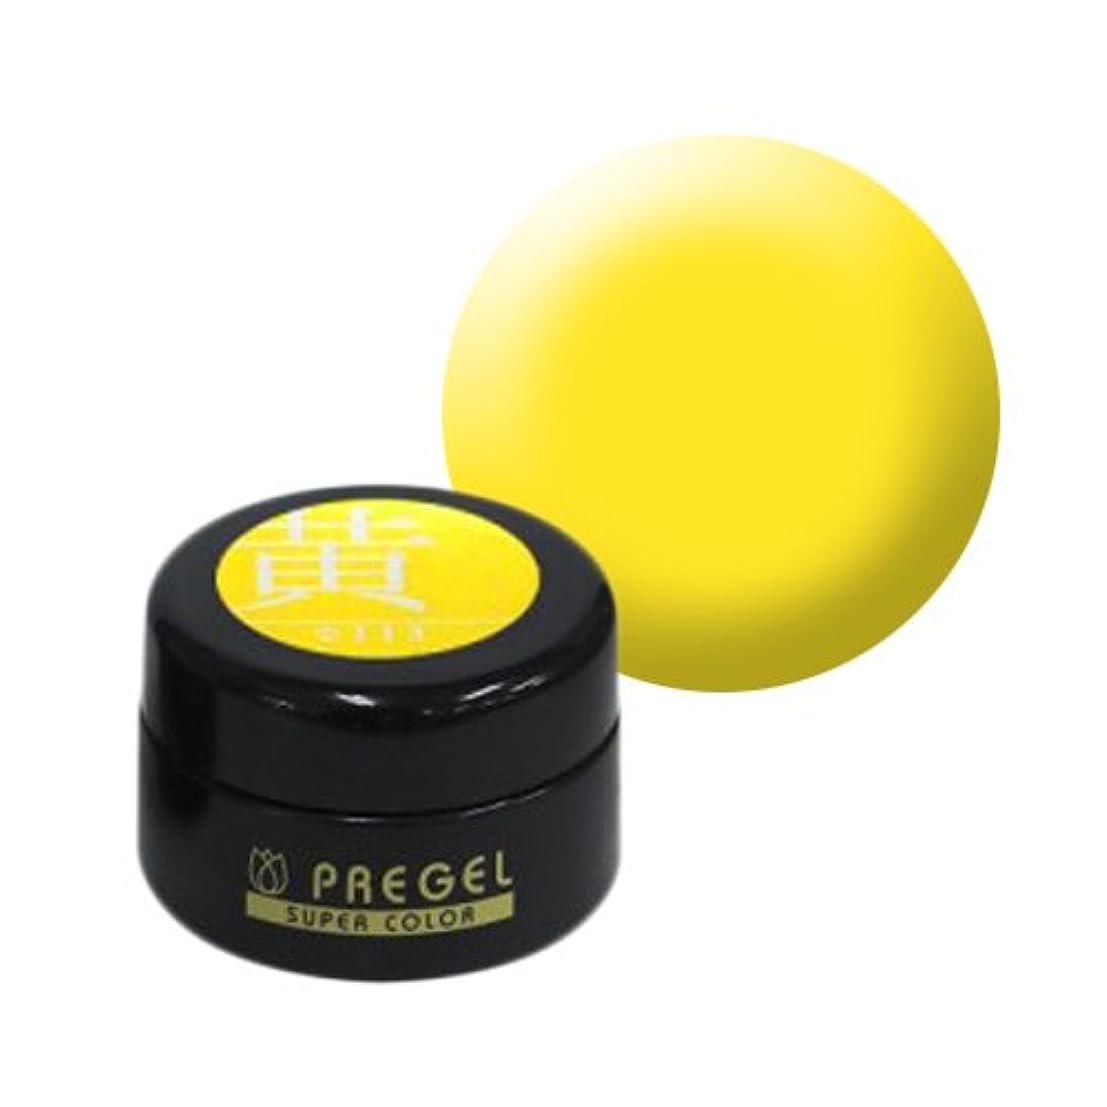 【PREGEL】カラーEx 黄 / PG-CE113 【UV&LED】プリジェル カラージェル ジェルネイル用品